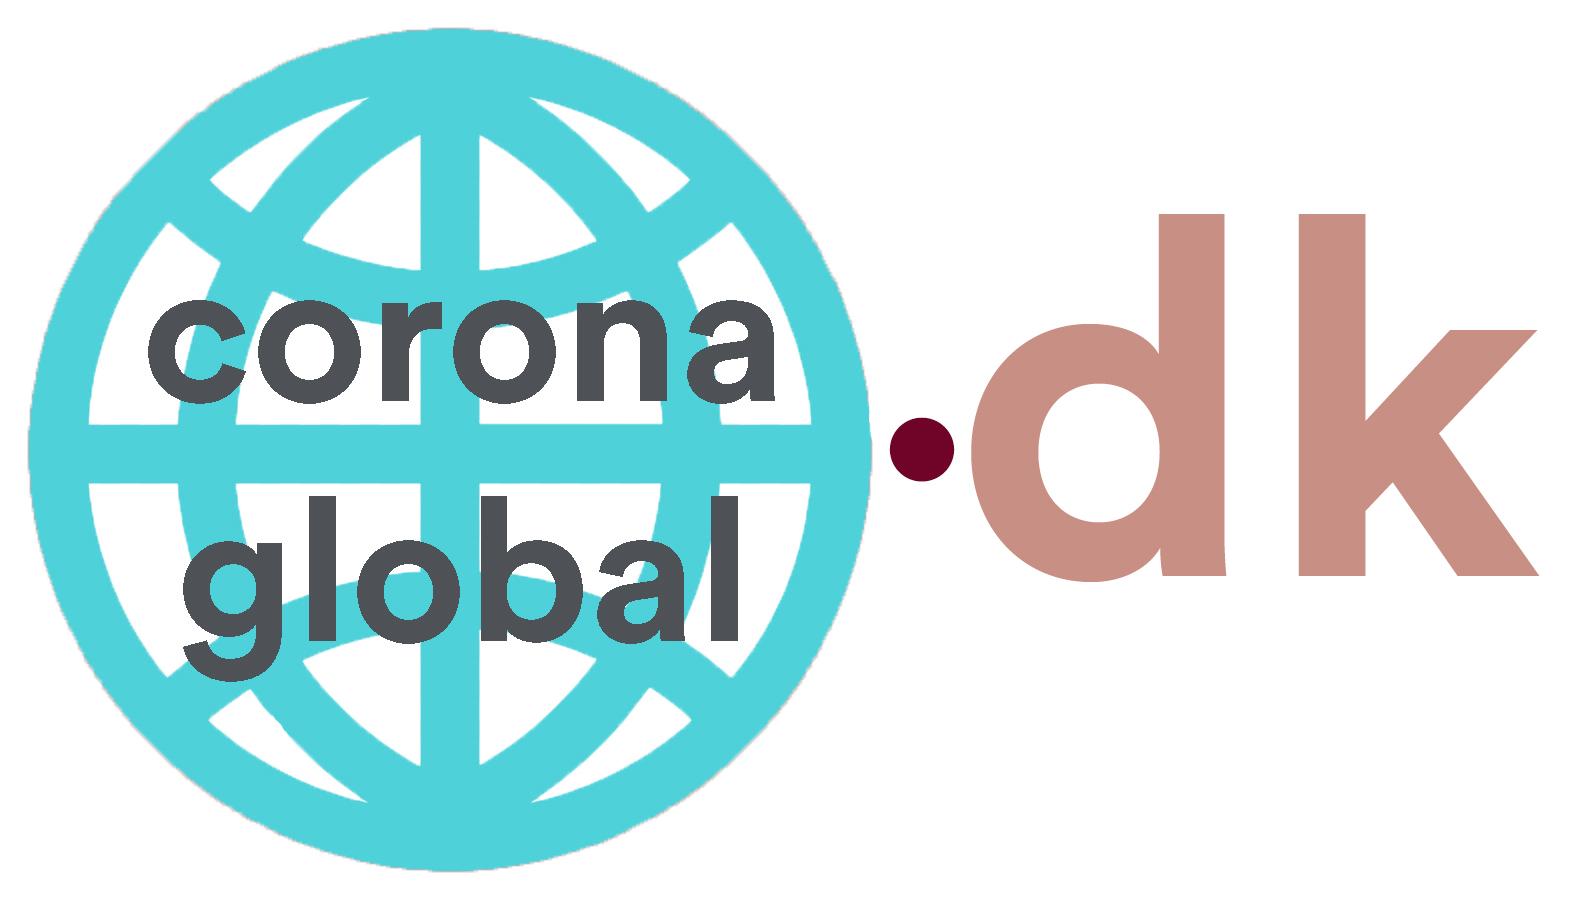 coronaglobal.dk